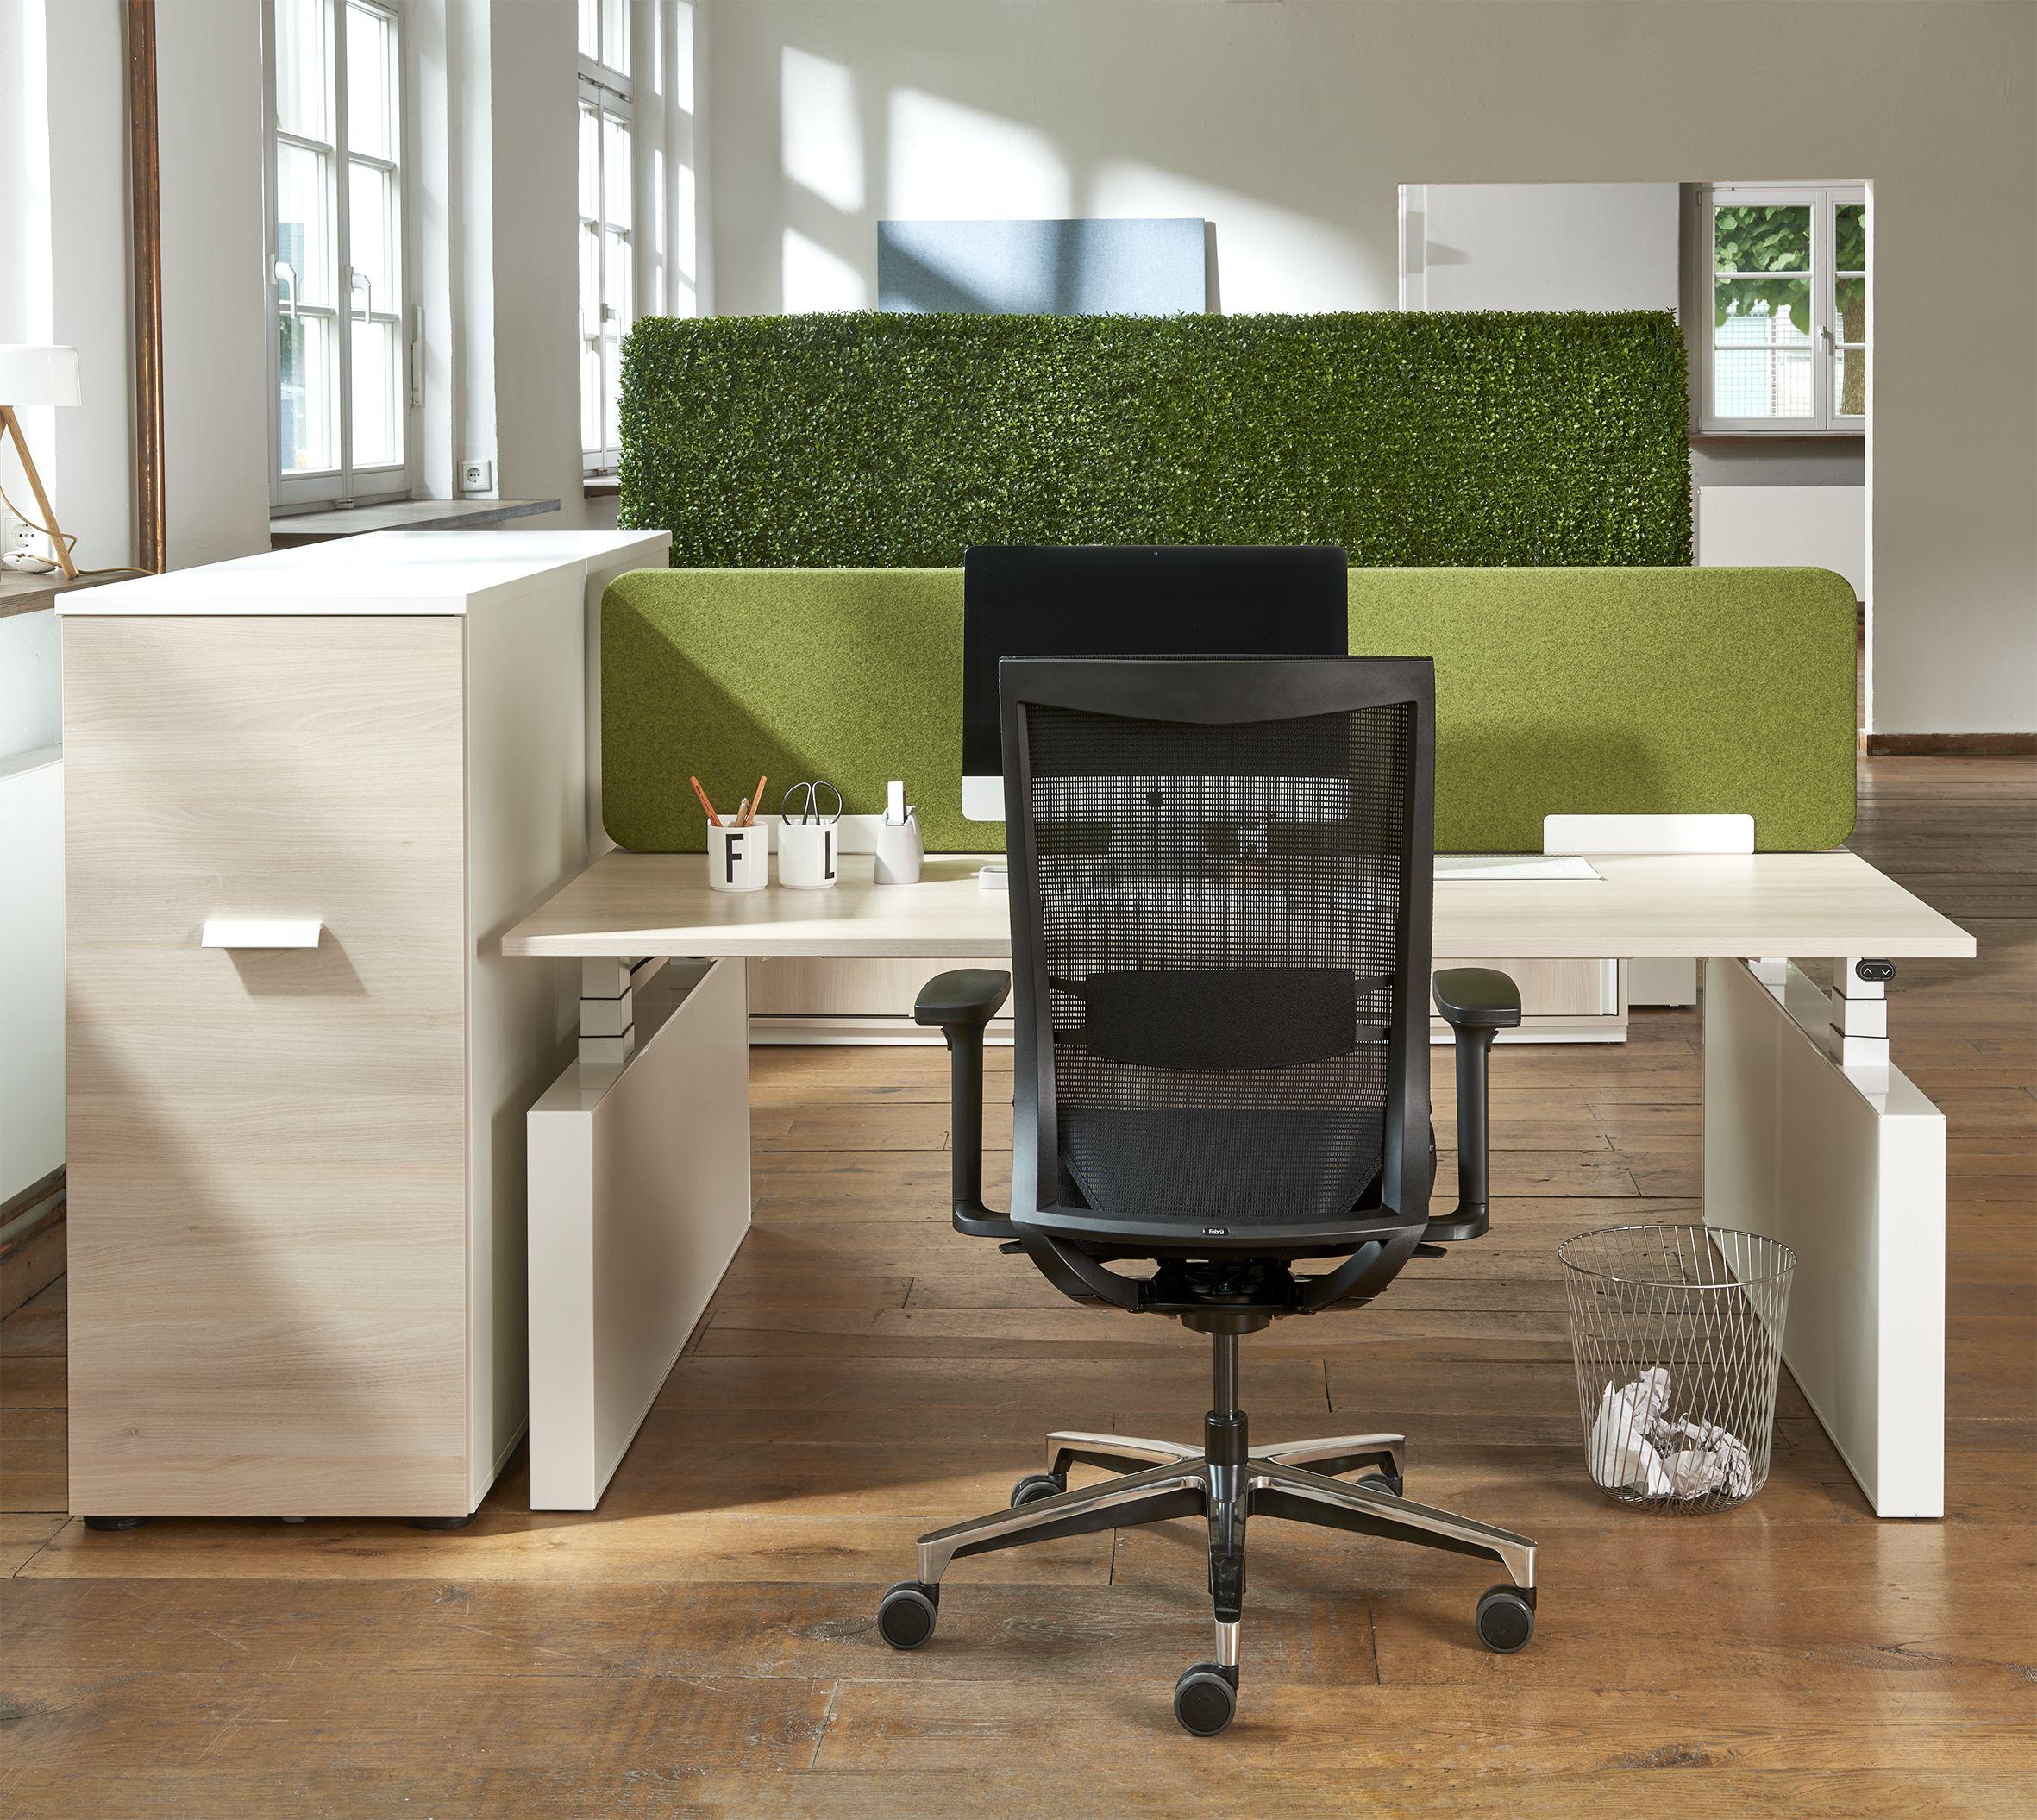 Ergonomisch Arbeiten mit dem Febrü One Bürodrehstuhl, der sich ...